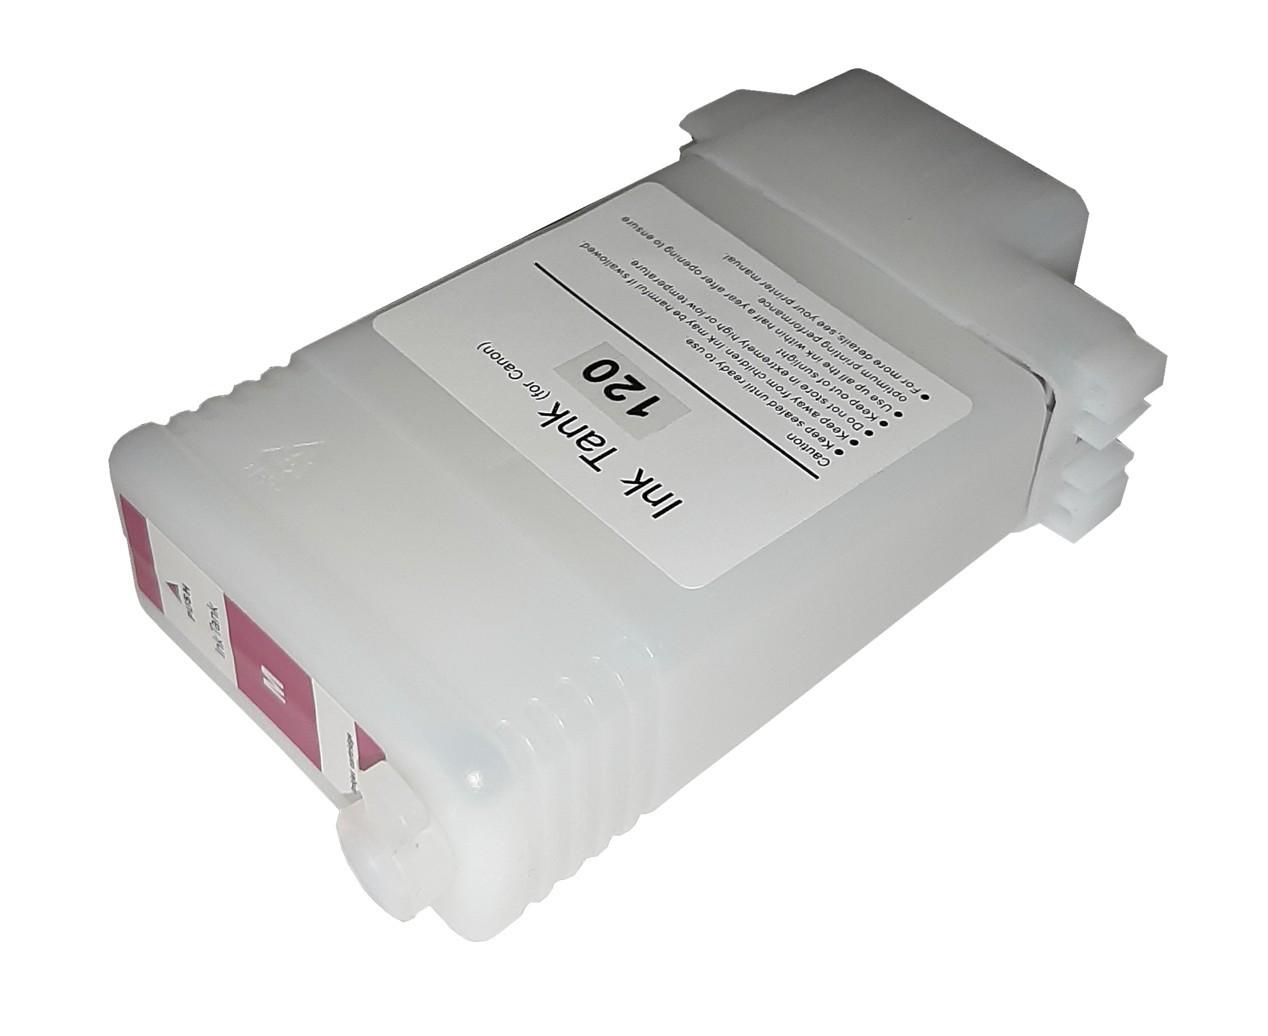 Перезаправляемый картридж Ocbestjet для плоттеров Canon TM-200/300 с чипом PFI-120 Magenta (130 мл)